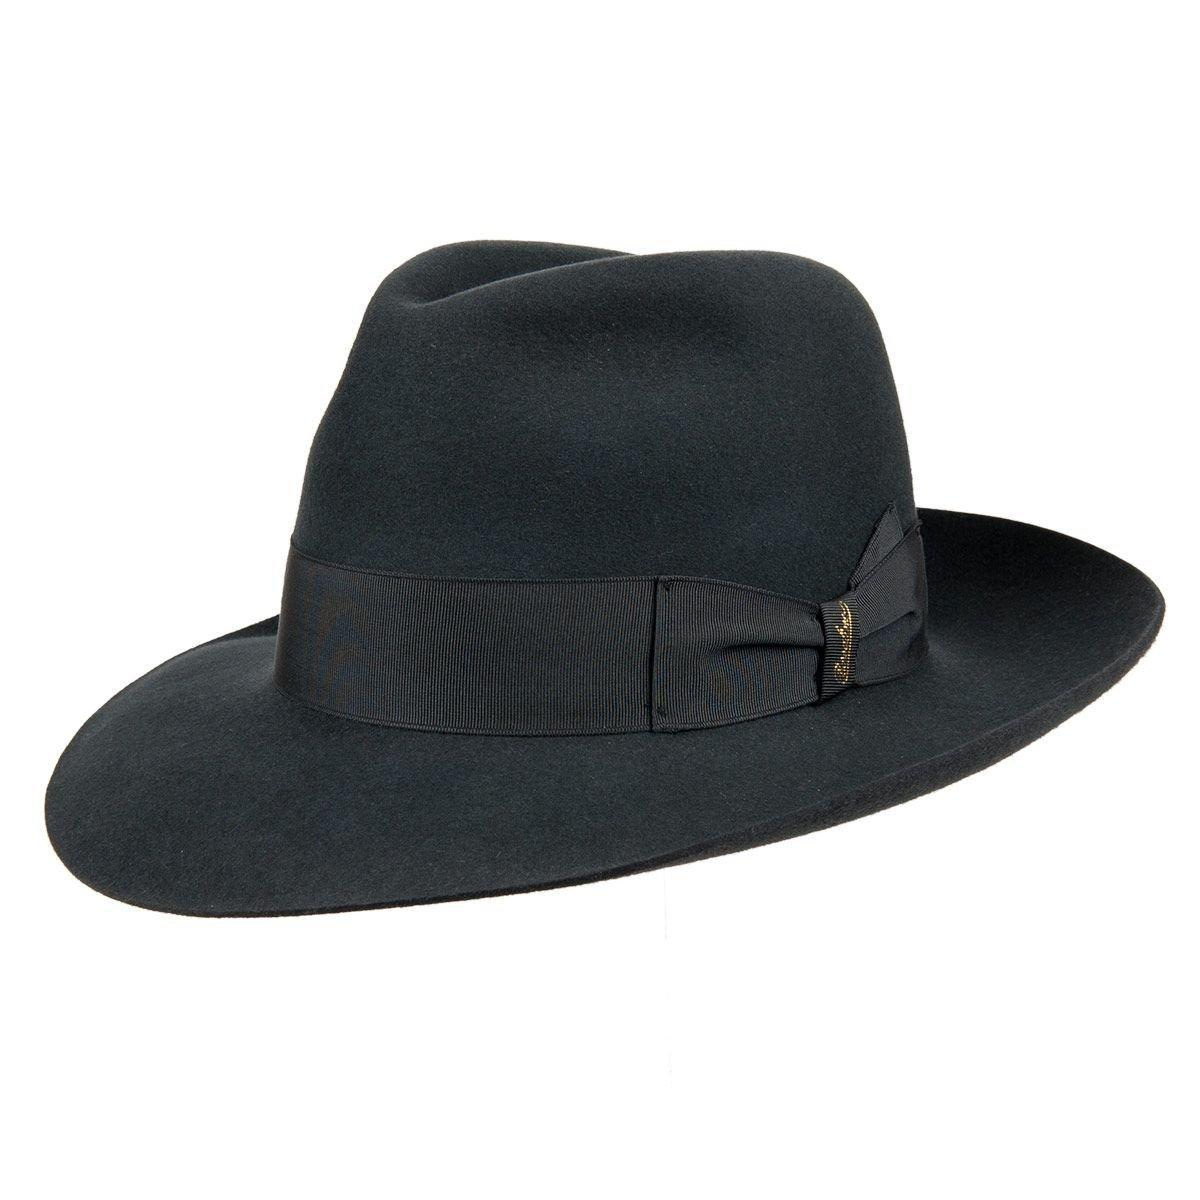 Cappello classico BORSALINO a tesa larga ... 6231167278fc